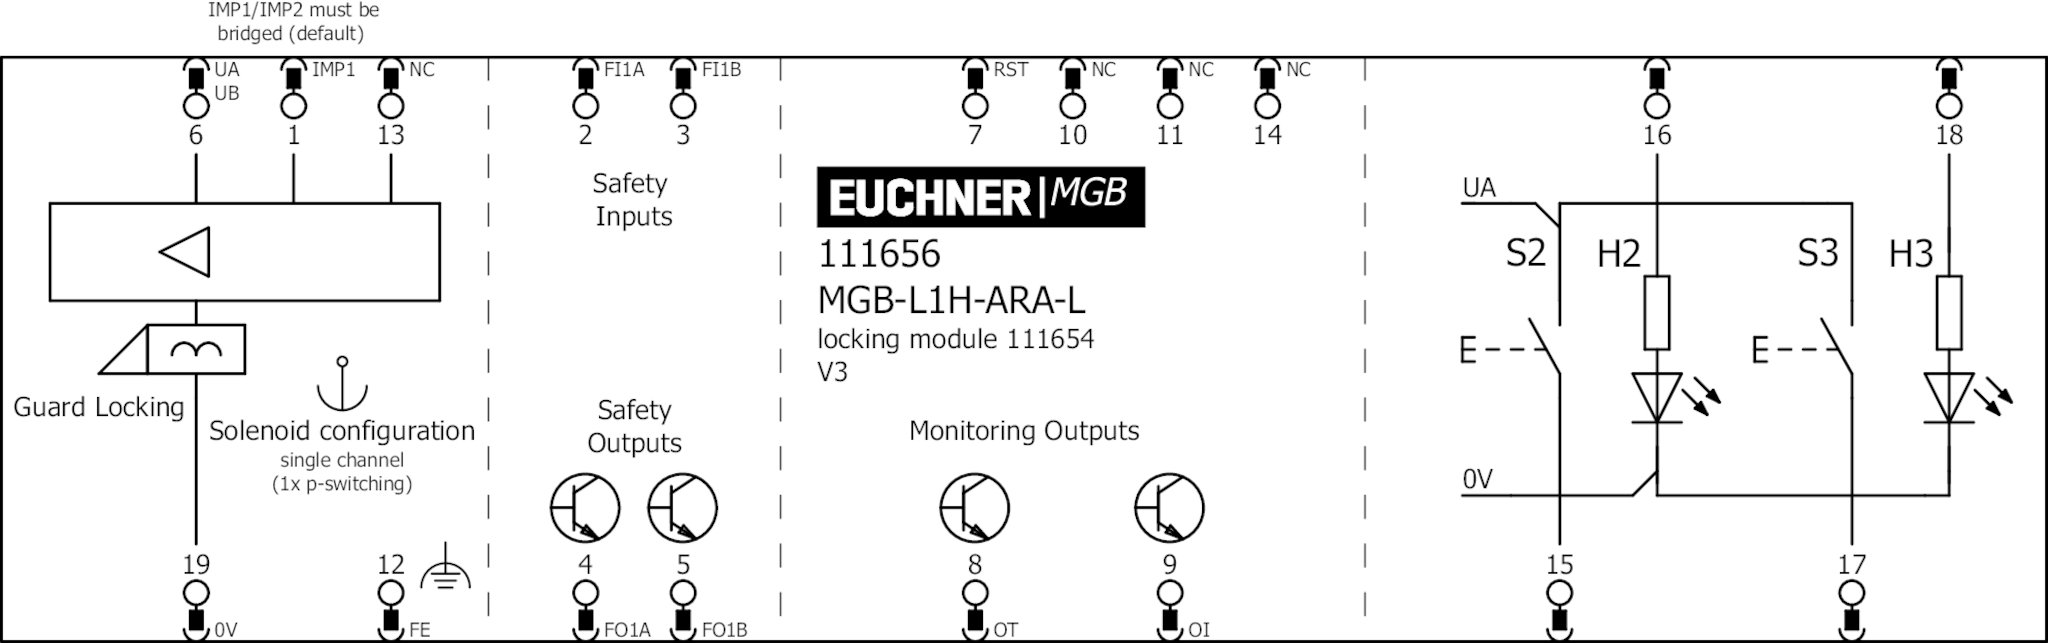 Mgb L1h Ara L 111656 Locking Set Mgb L1h Ara Guard